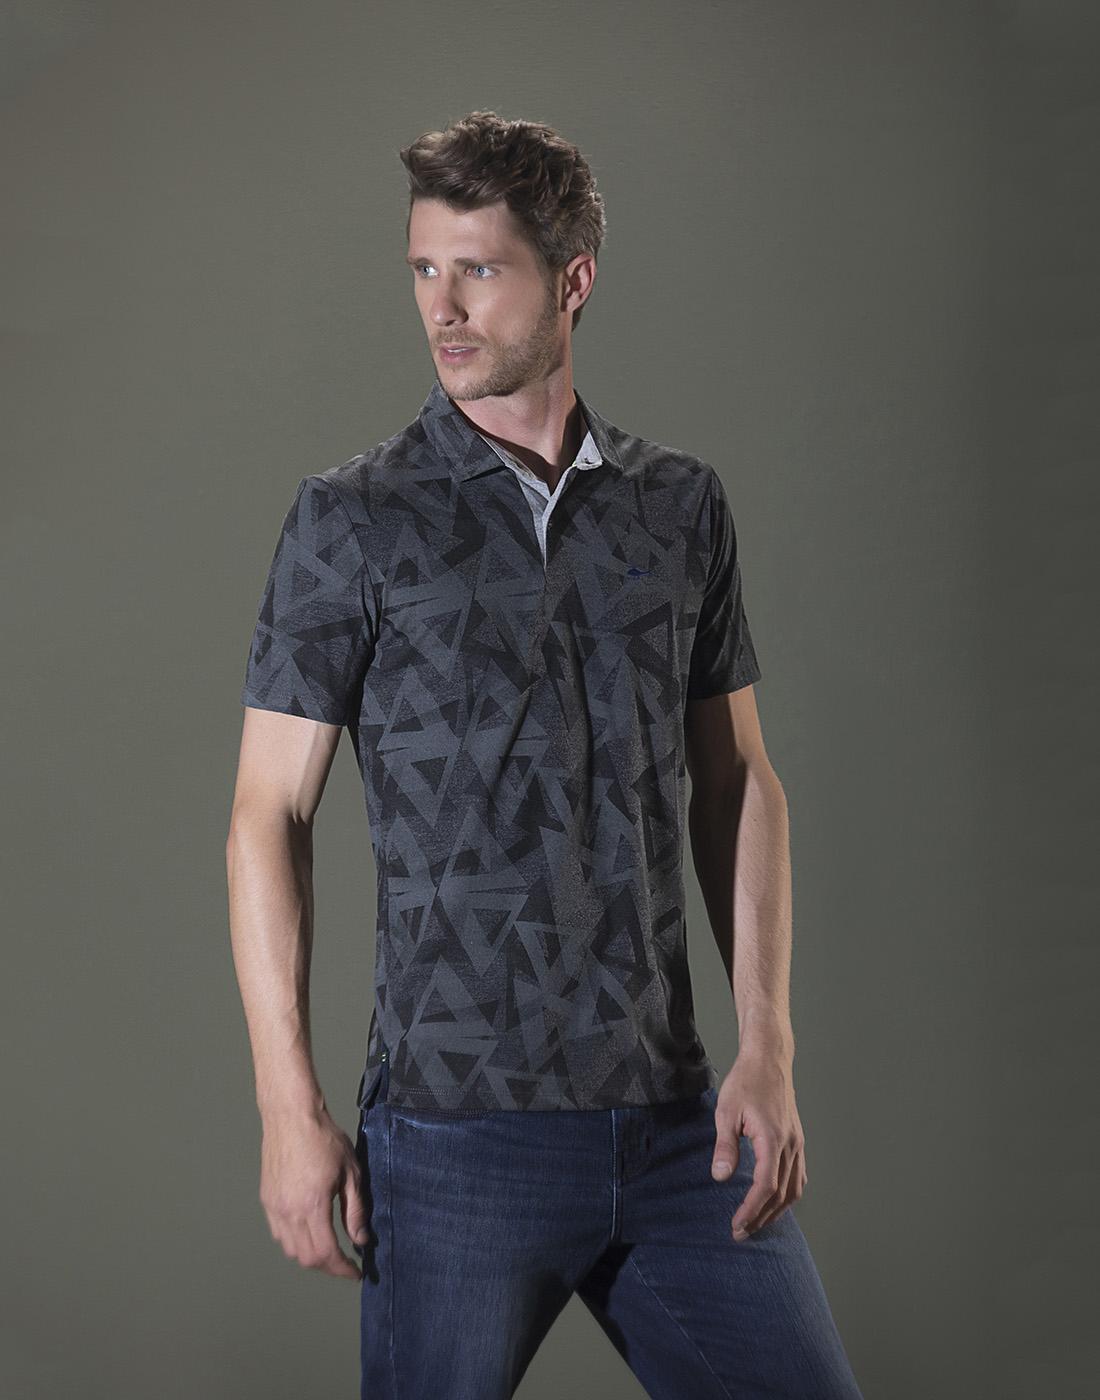 Camiseta Polo Estampada Mescla Escuro Sallo